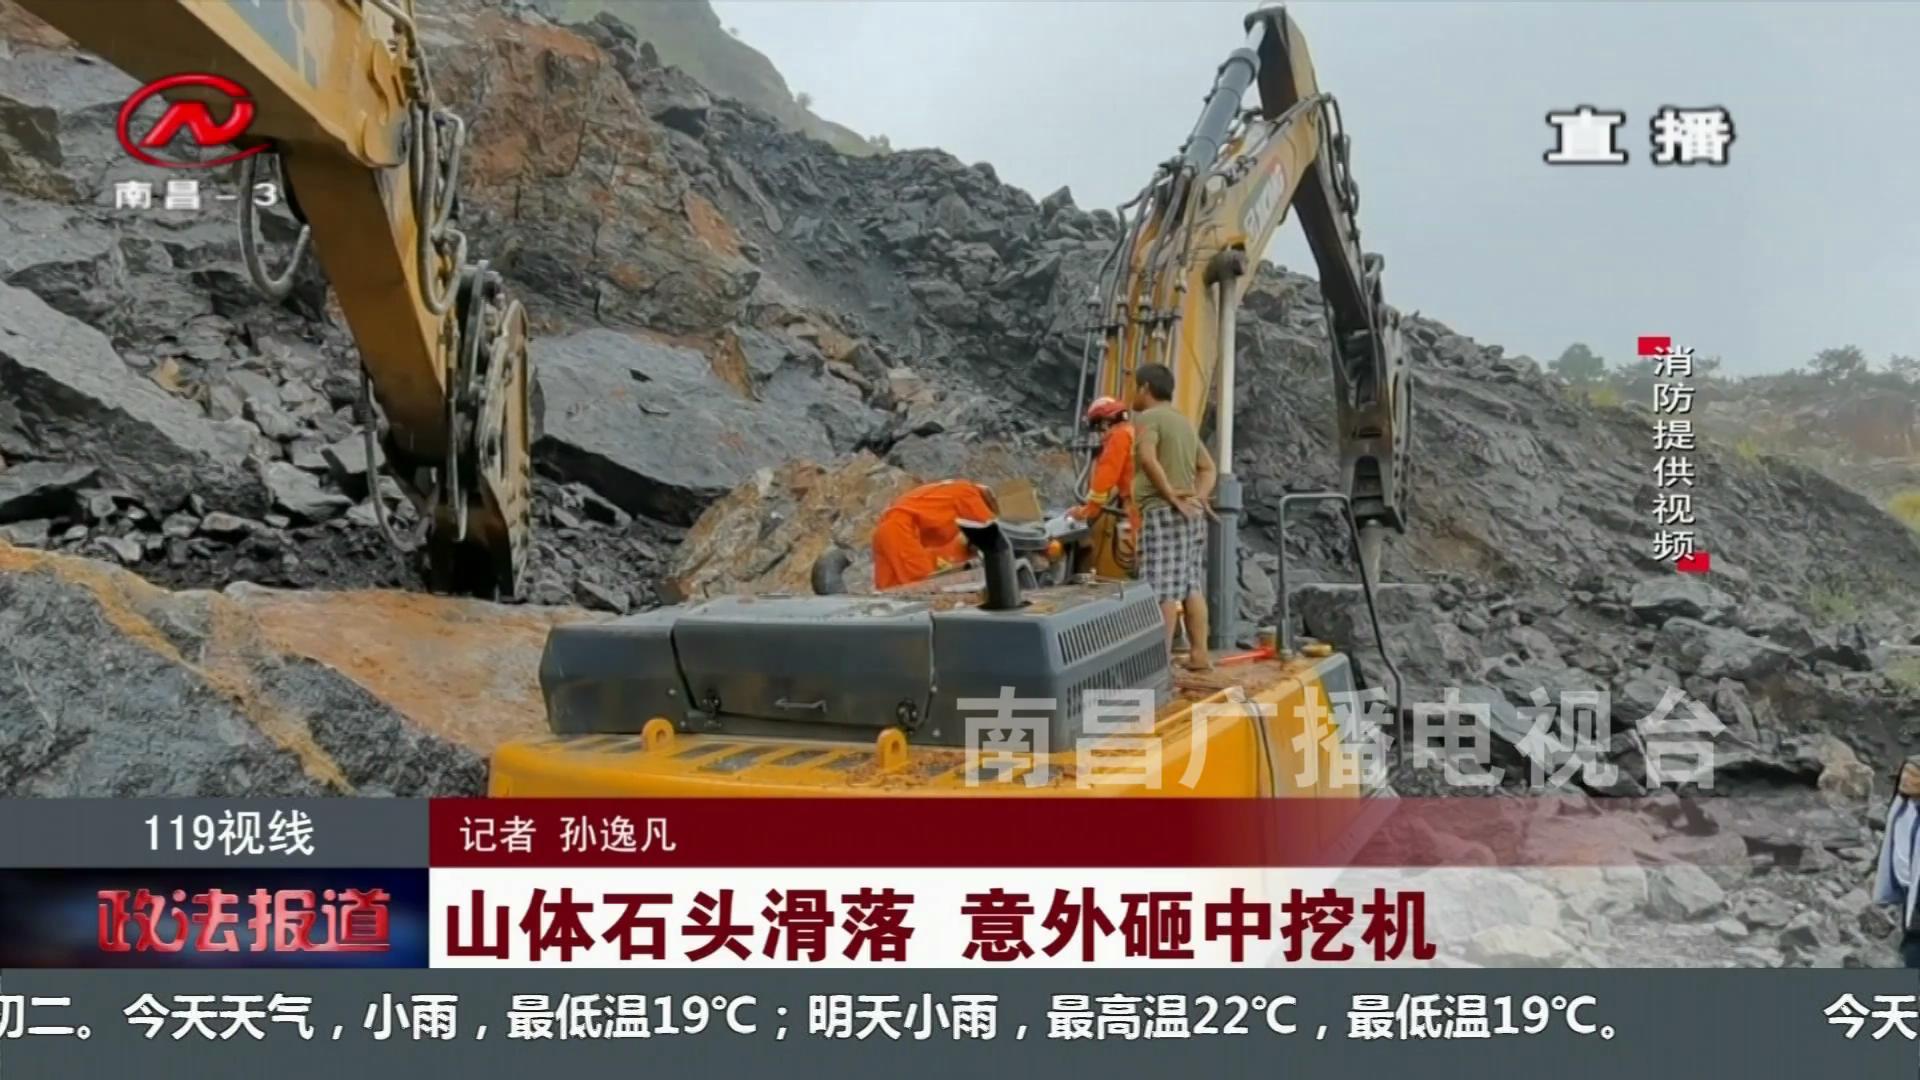 山体石头滑落 意外砸中挖机